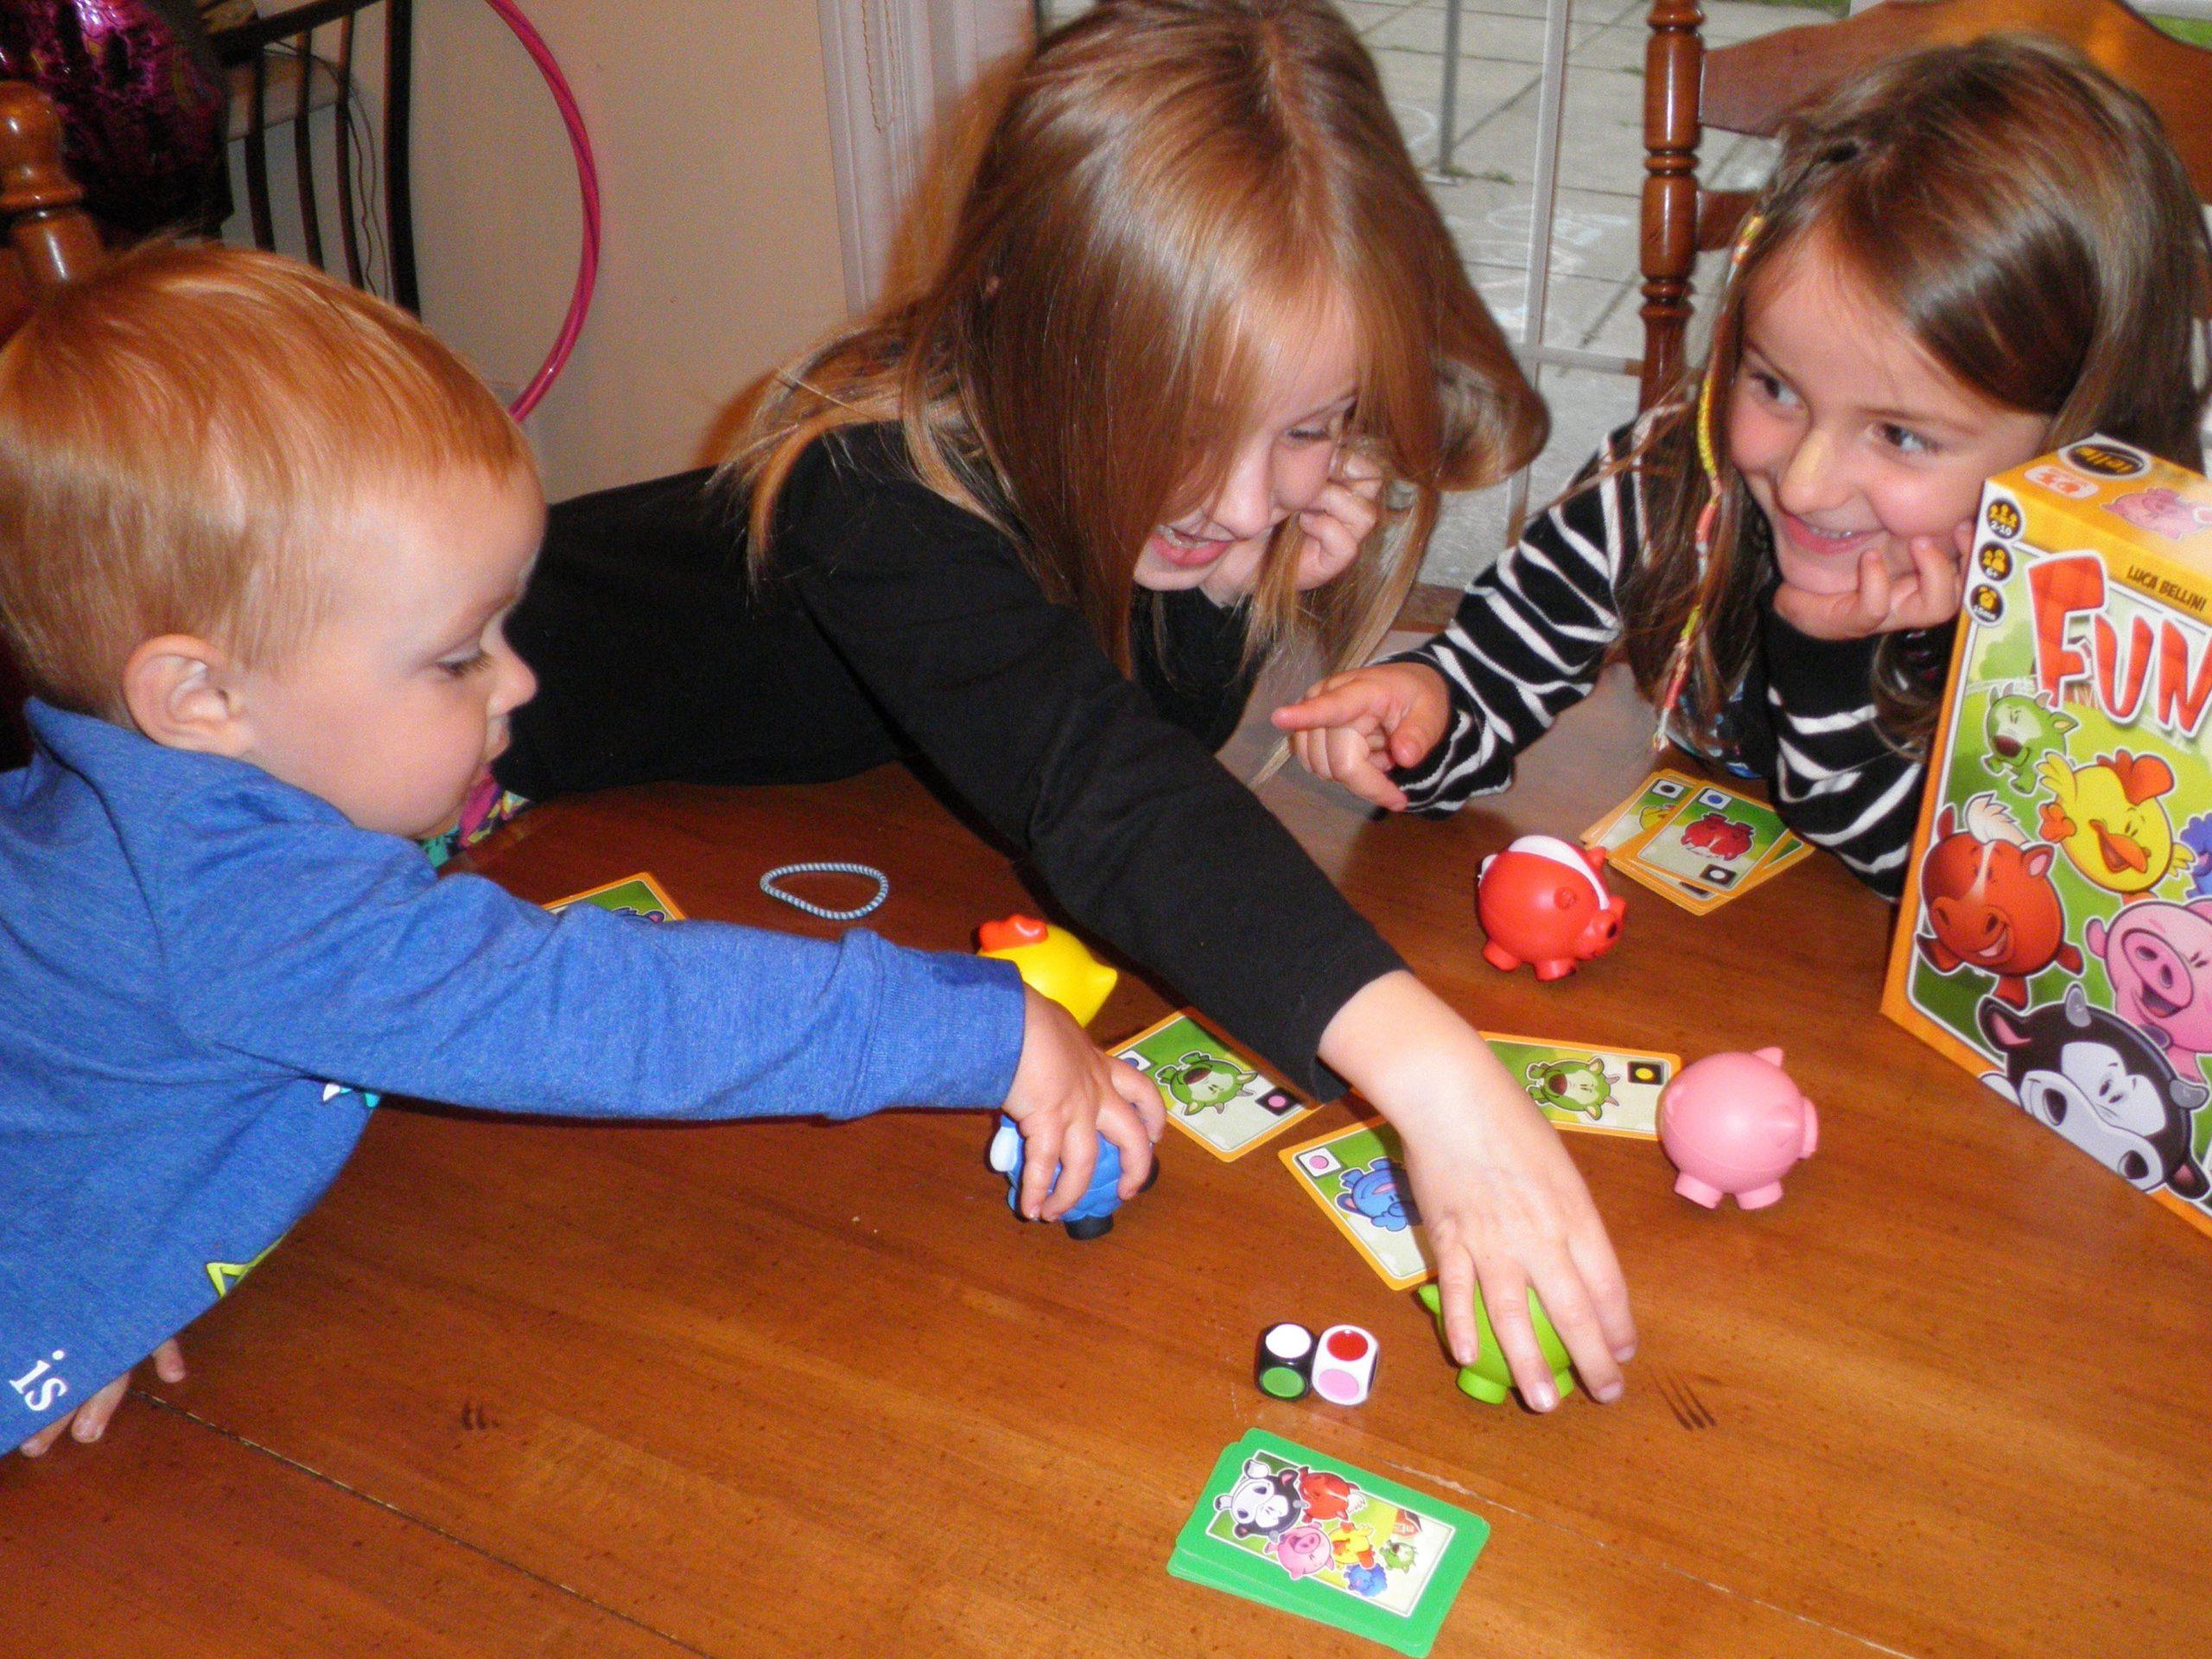 Les Jeux De Société concernant Jeux Enfant 6 Ans Gratuit